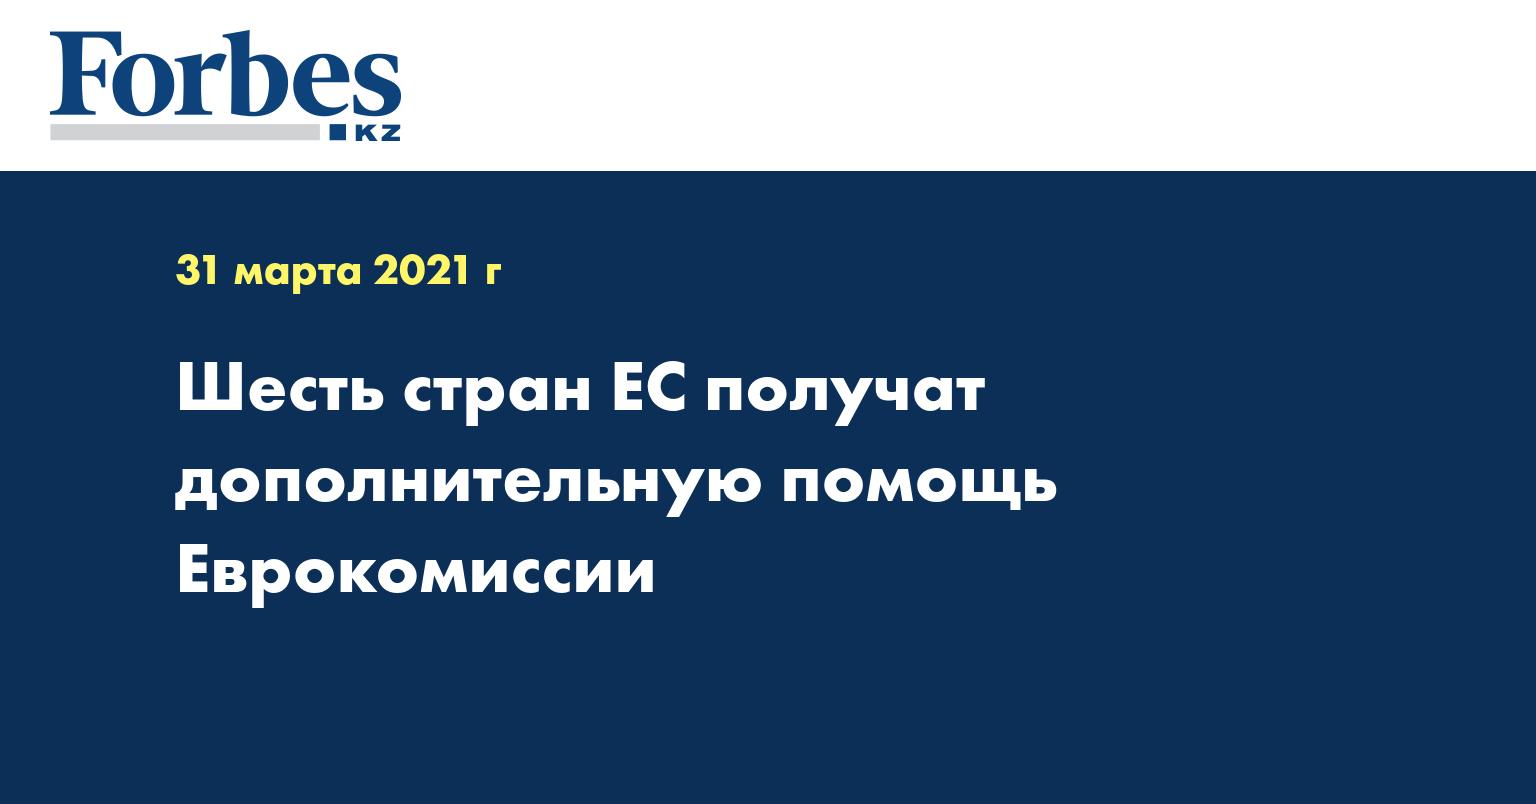 Шесть стран ЕС получат дополнительную помощь Еврокомиссии